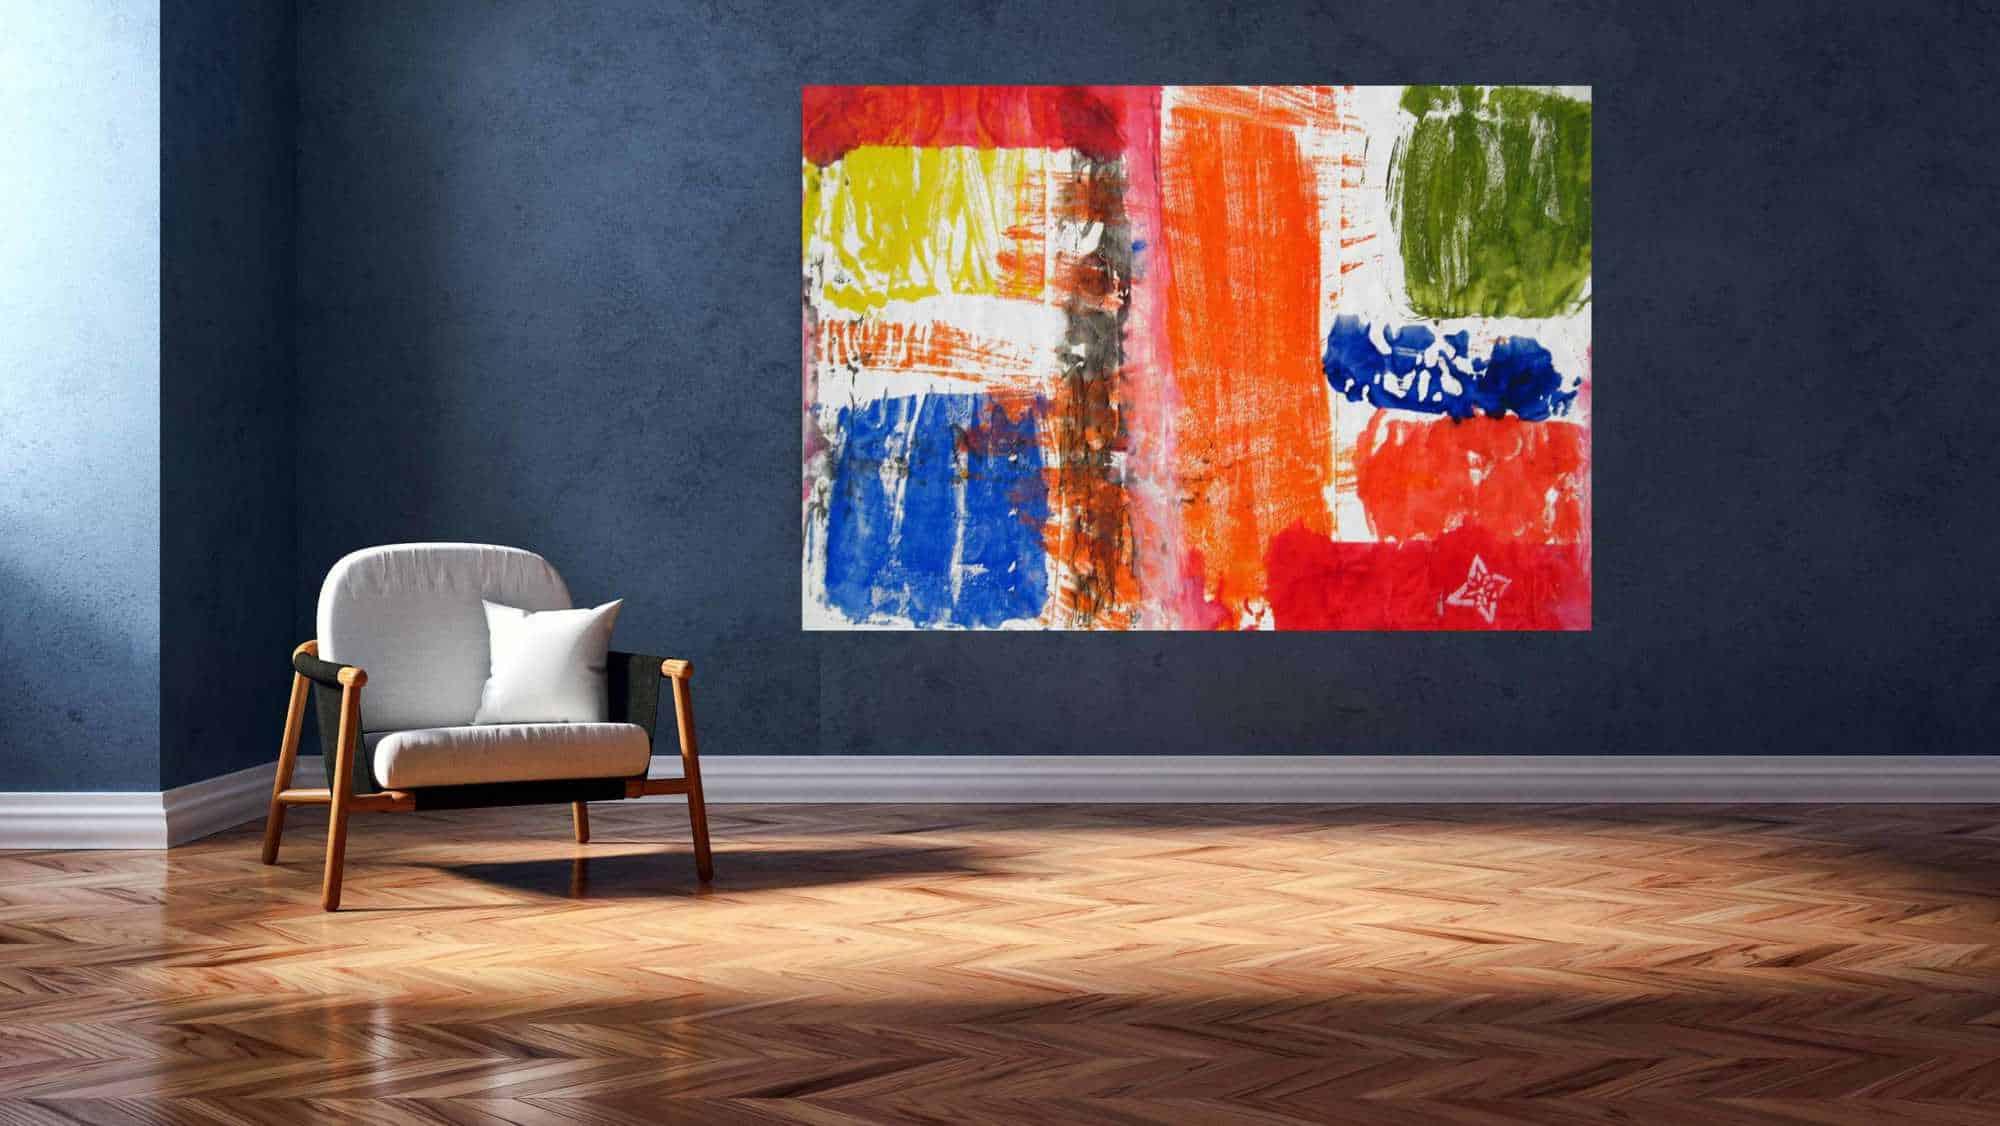 acrylbild rot gelb orange abstrakt wandbild